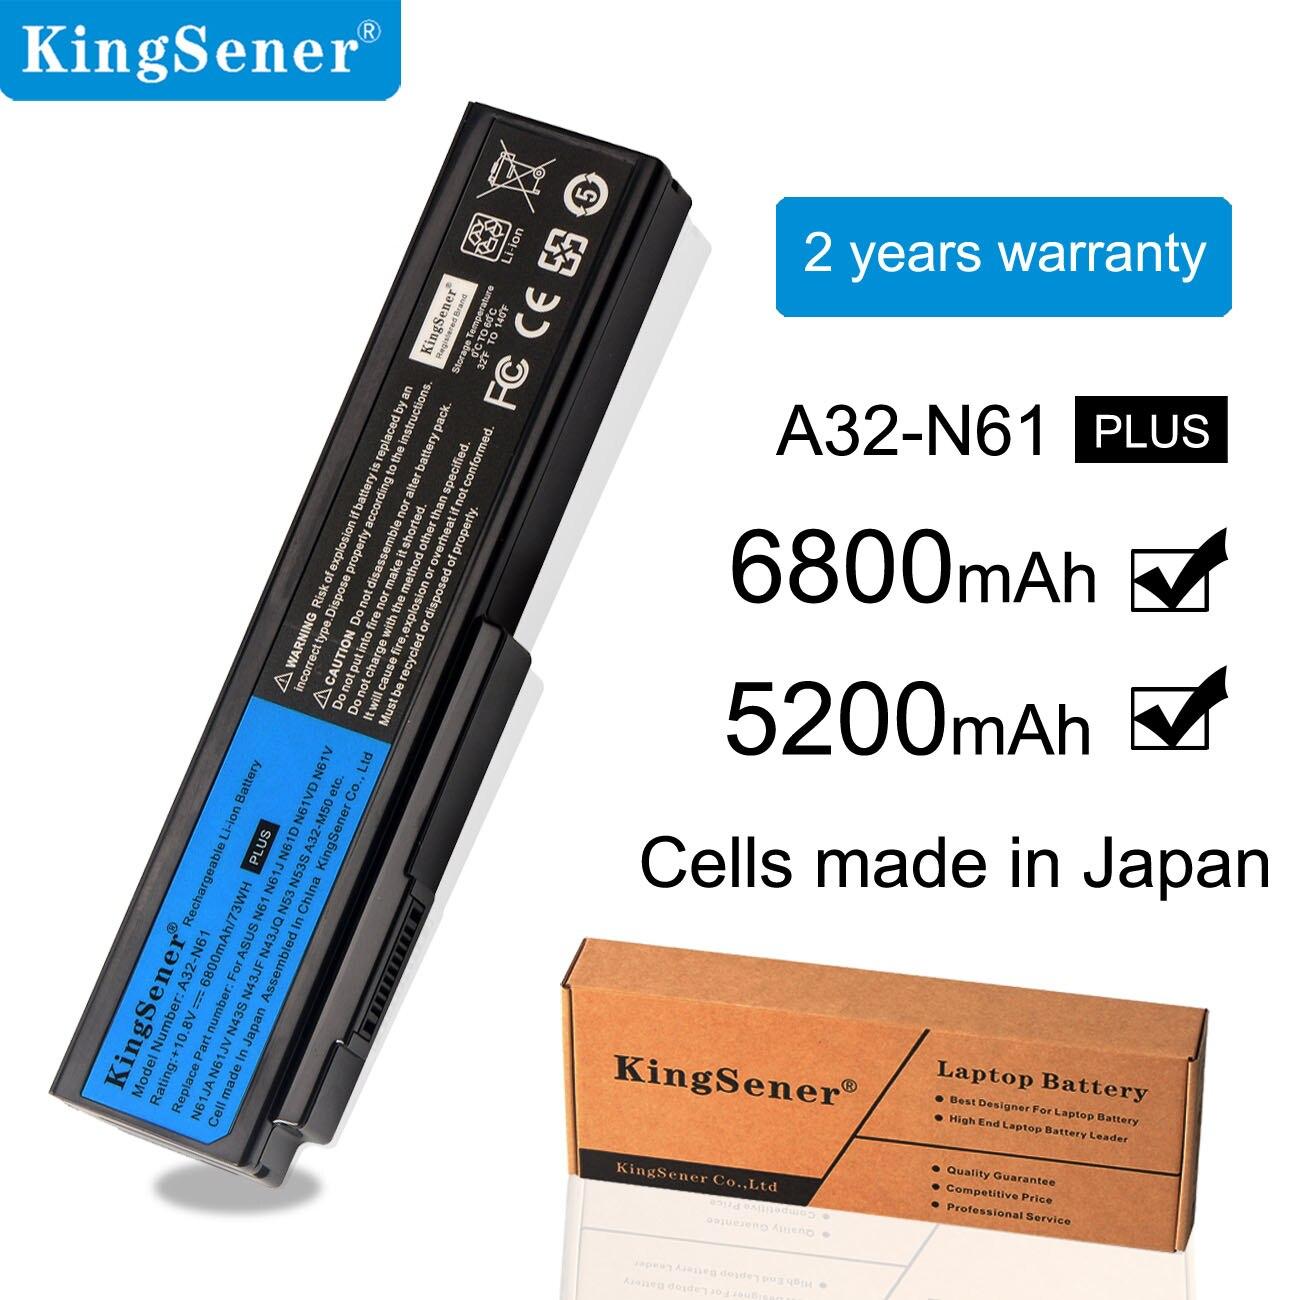 KingSener Korea Cell A32-N61 Battery For ASUS N61 N61J N61D N61V N61VG N61JA N61JV M50s N43S N43JF N43JQ N53 N53S N53SV A32-M50